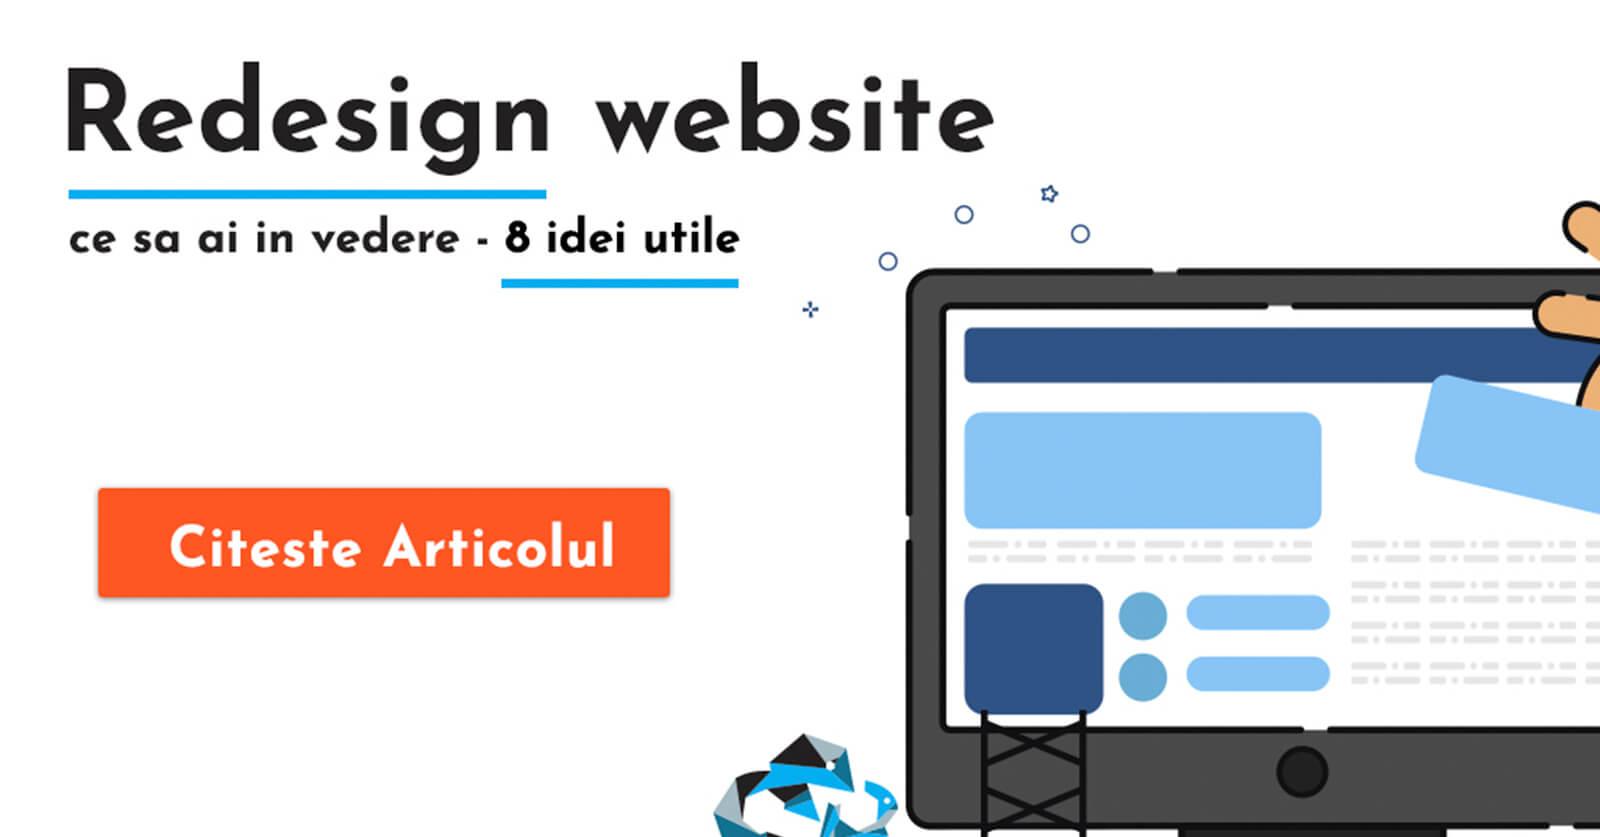 Redesign website – ce trebuie sa ai in vedere